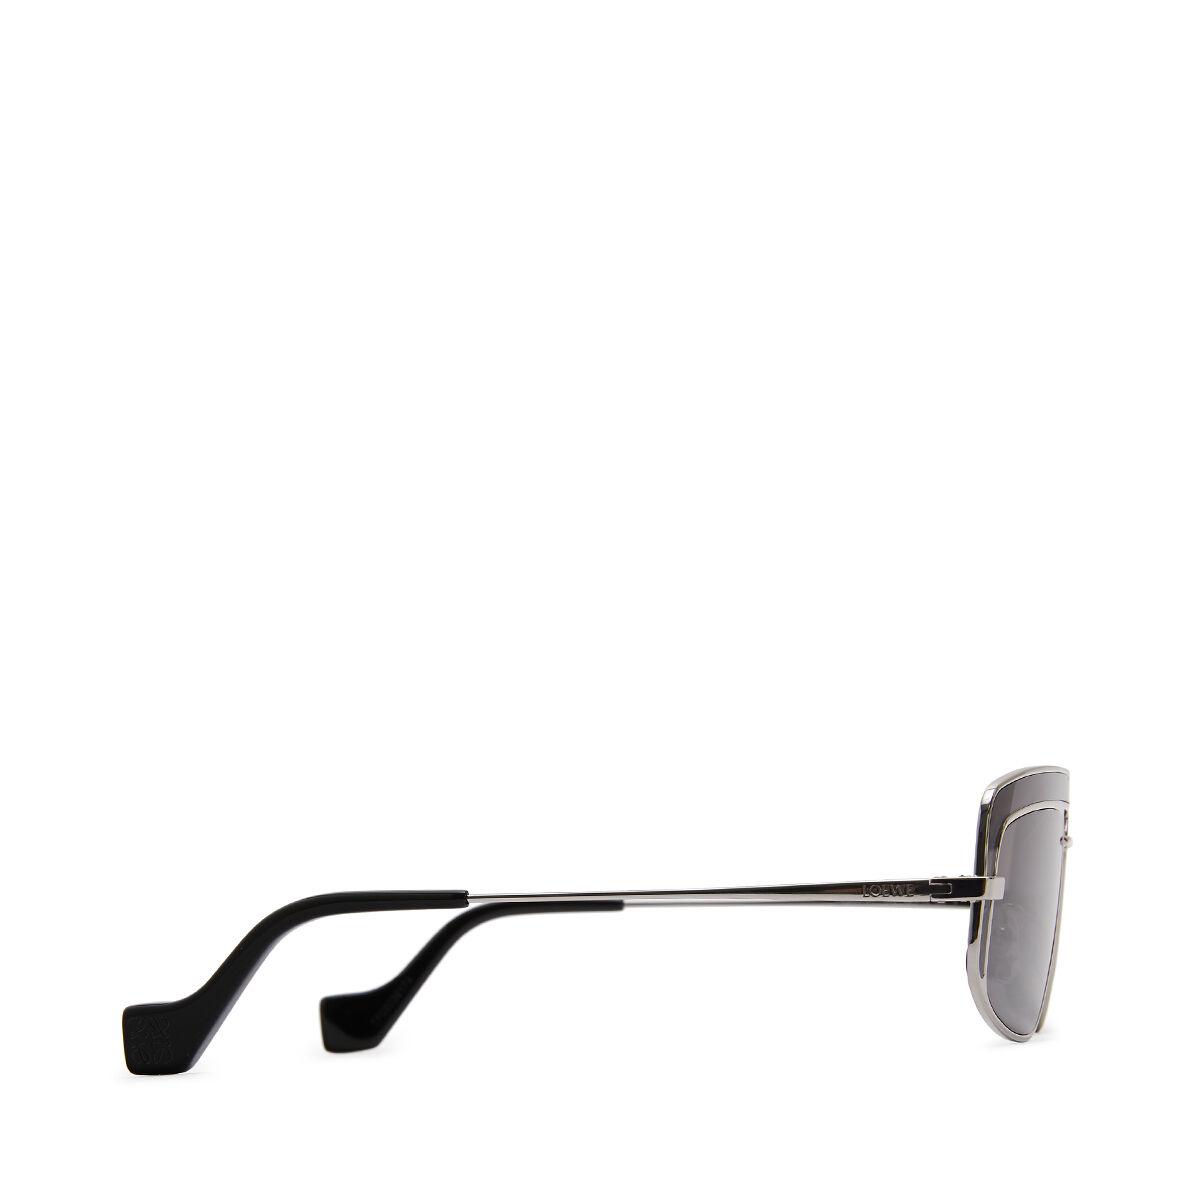 LOEWE Gafas Rectangulares Rodio Mate/Gris front